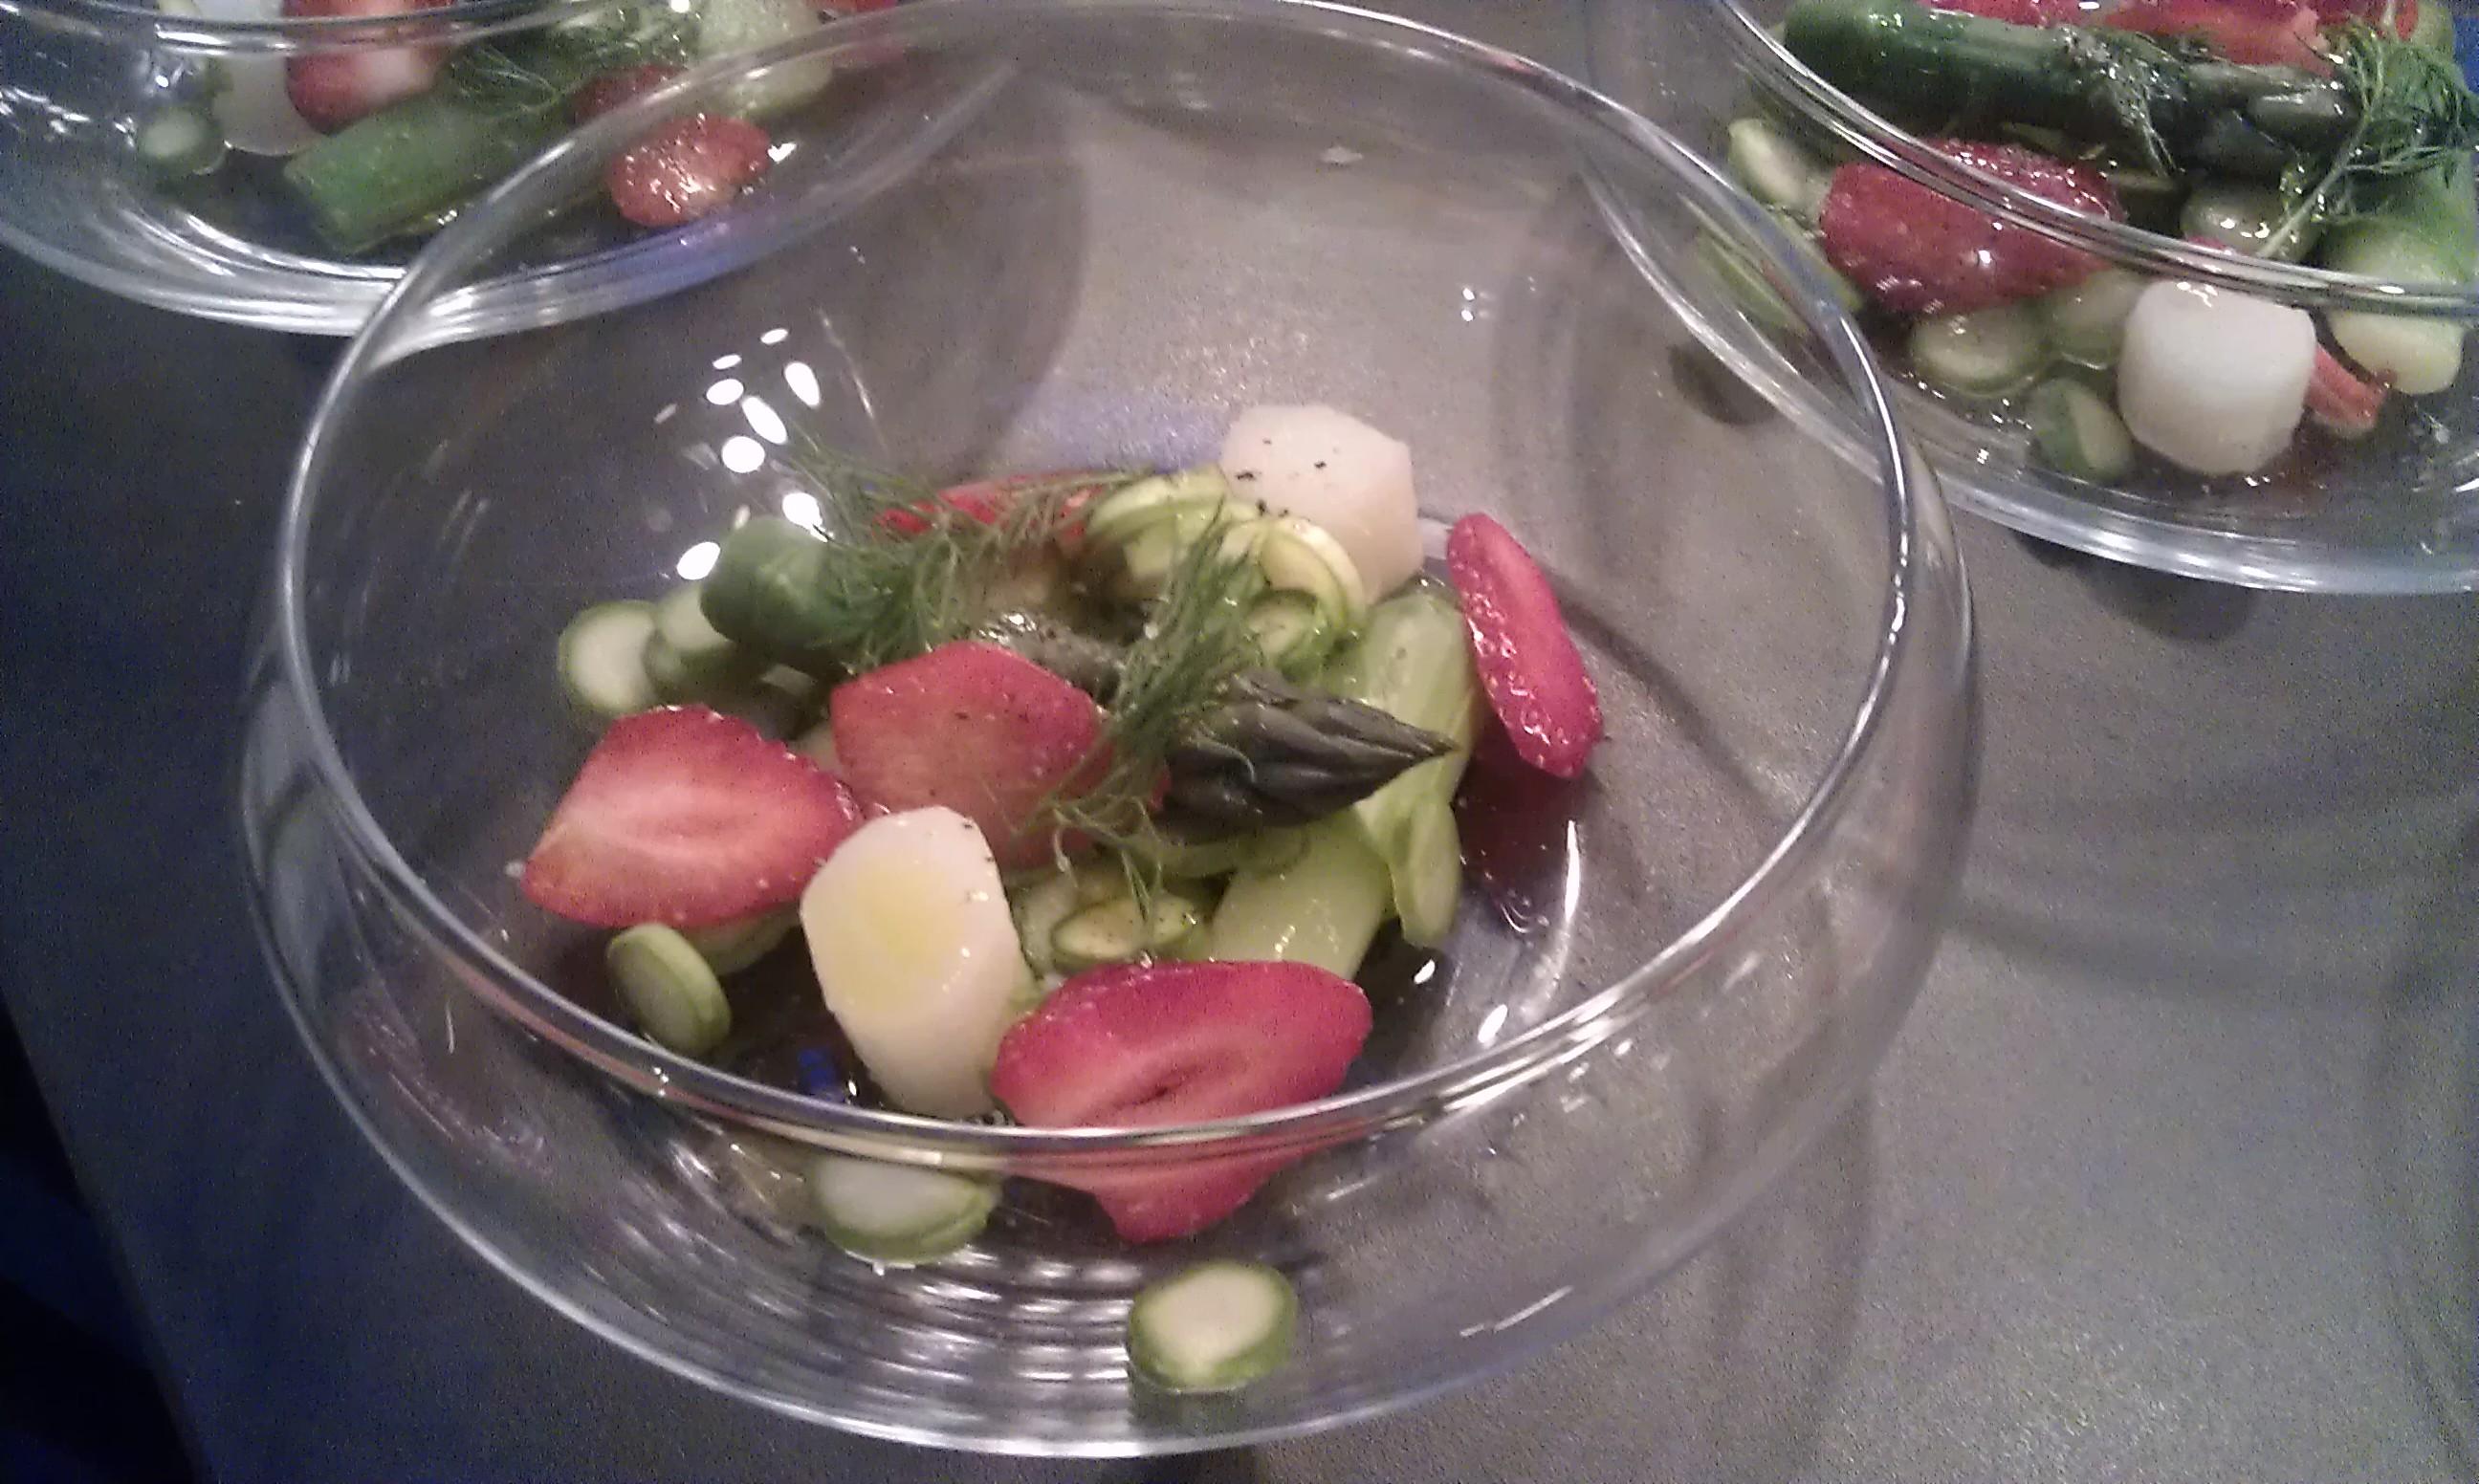 Une soir e exceptionnelle l atelier avec florent ladeyn - Cuisine attitude lignac ...